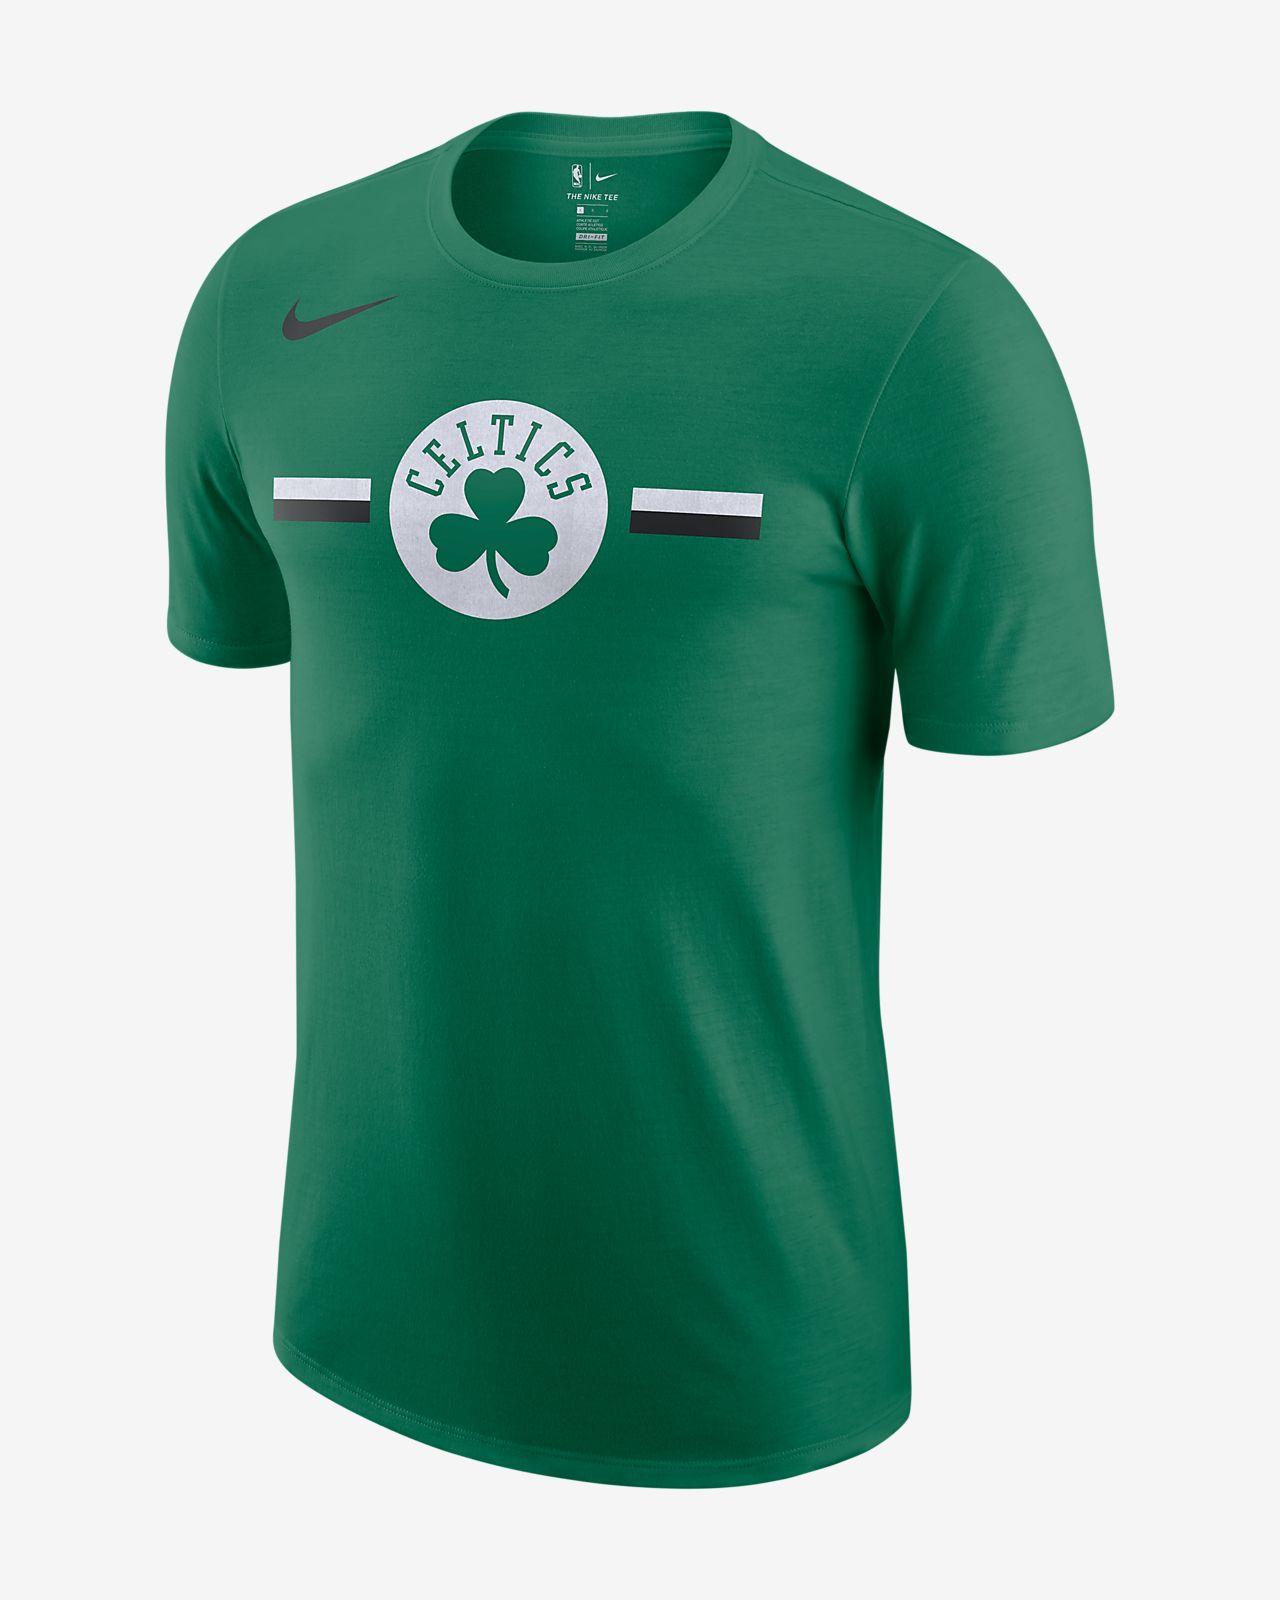 e6b0bab1701e Boston Celtics Nike Dri-FIT Men s NBA T-Shirt. Nike.com IN